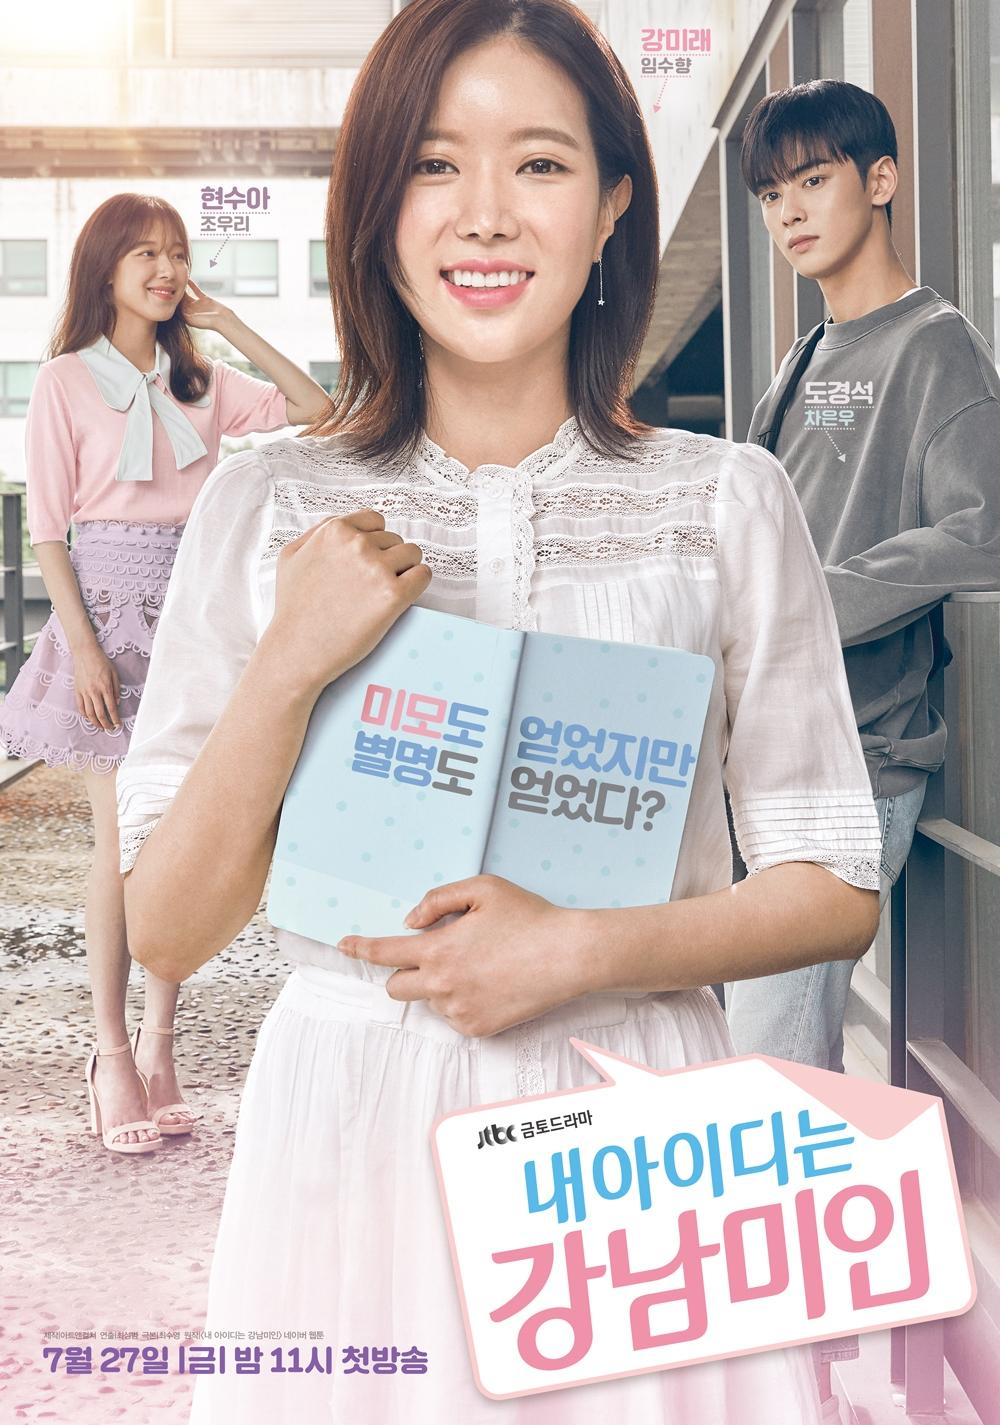 劇中女主角姜美萊為改變人生整容,換臉後也得到了「江南美人」別名。